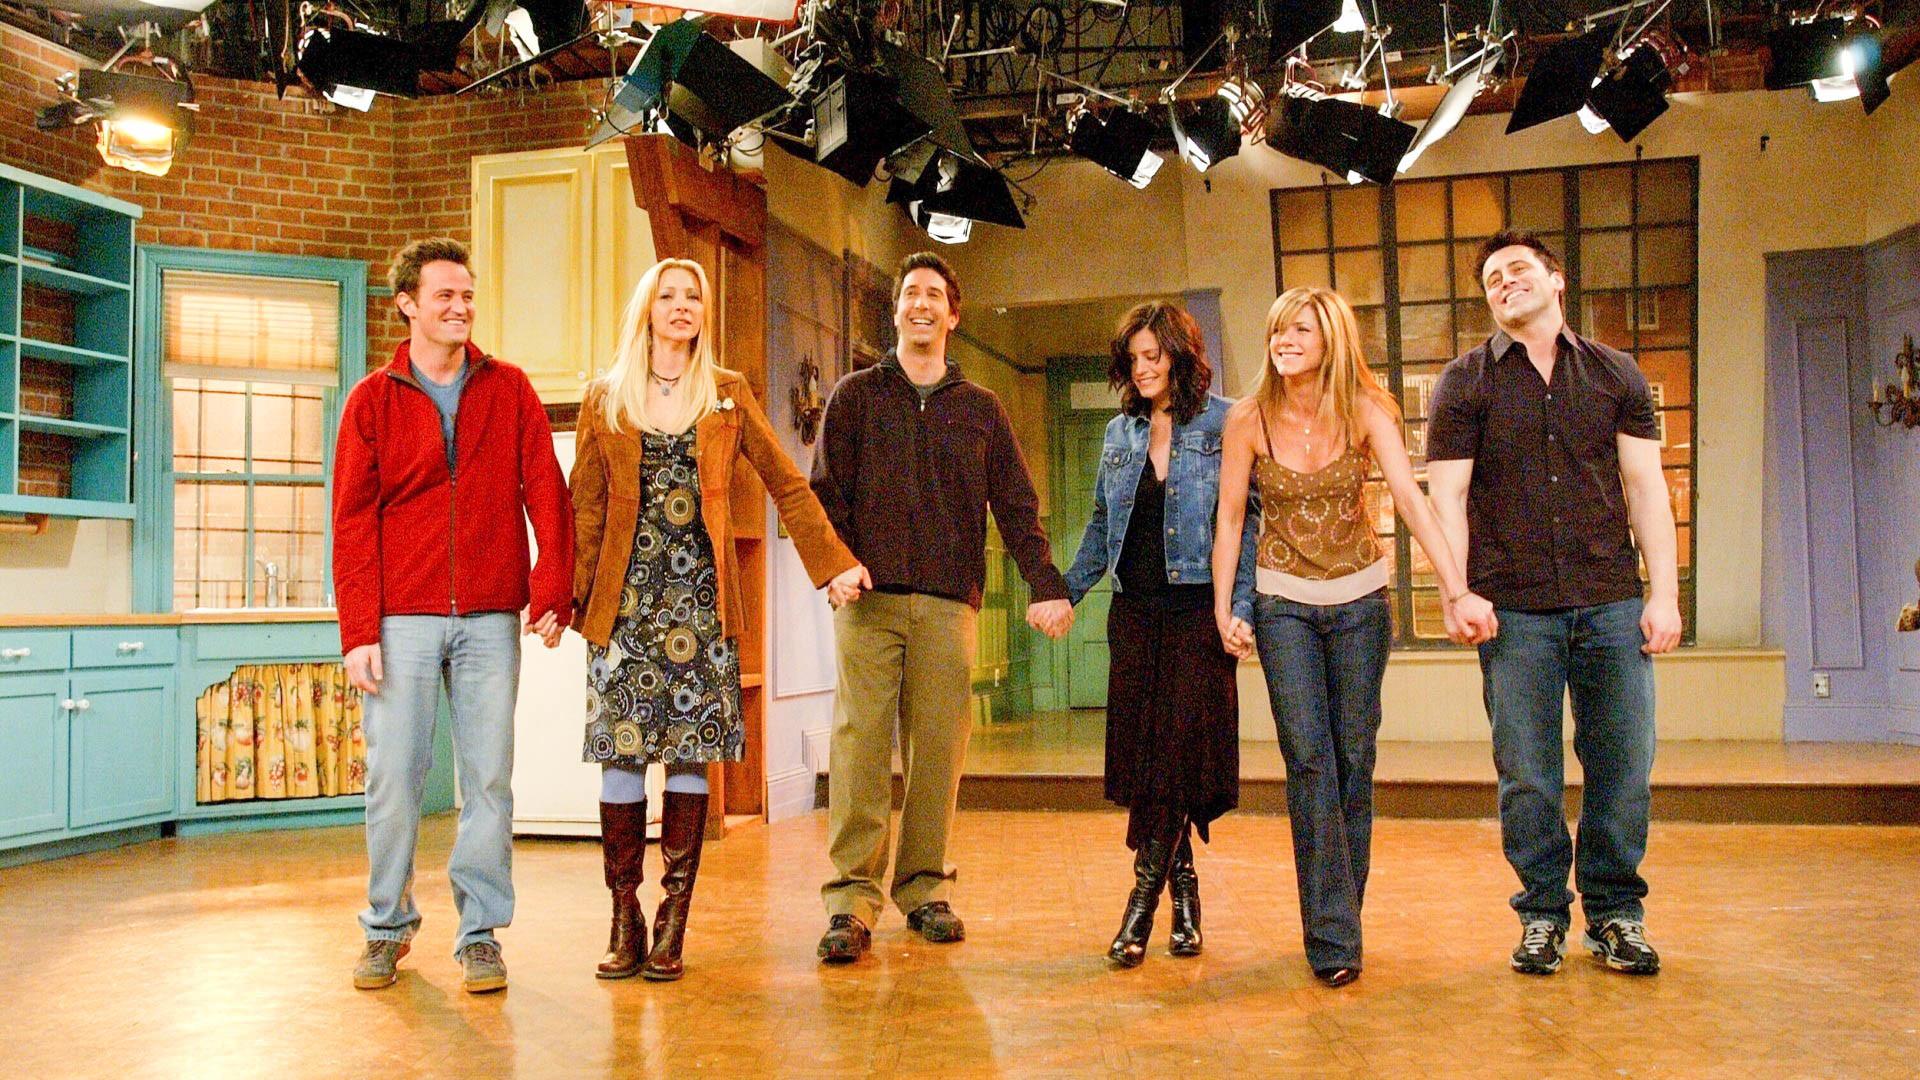 Le preguntan a Jennifer Aniston sobre un posible regreso de Friends y su respuesta dispara las expectativas